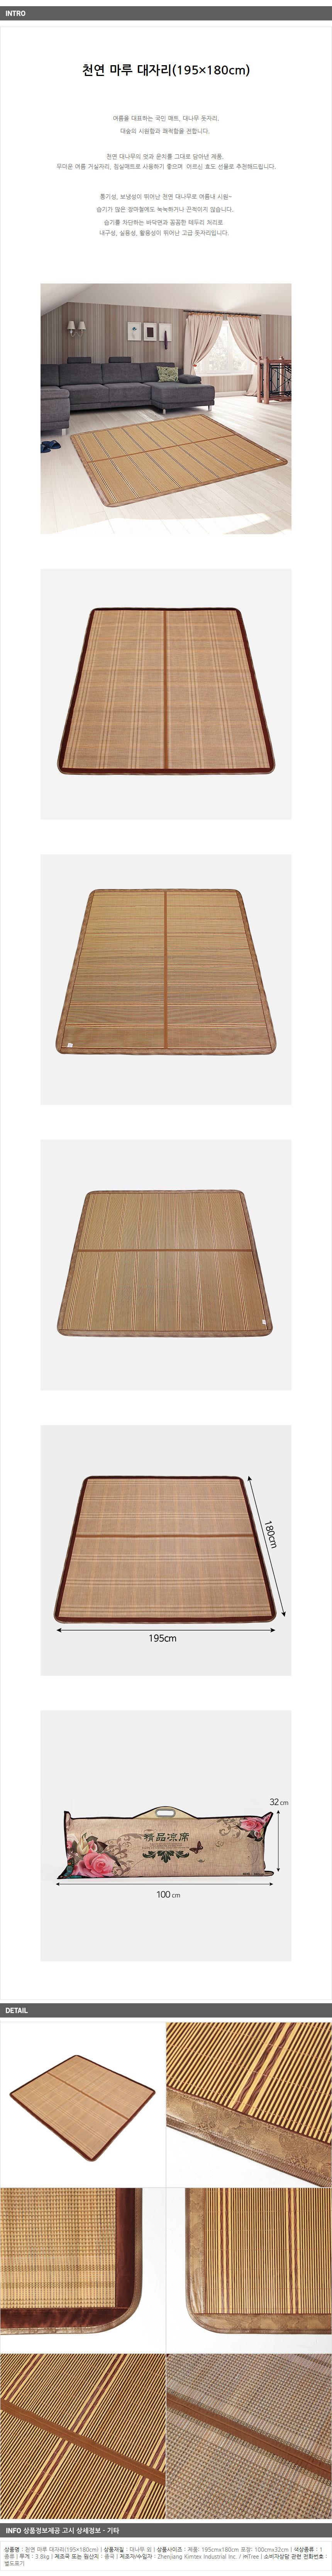 내츄럴리빙 여름 거실 대나무 대자리(195*180CM) - 기프트갓, 37,890원, 여름용매트, 대자리/여름자리